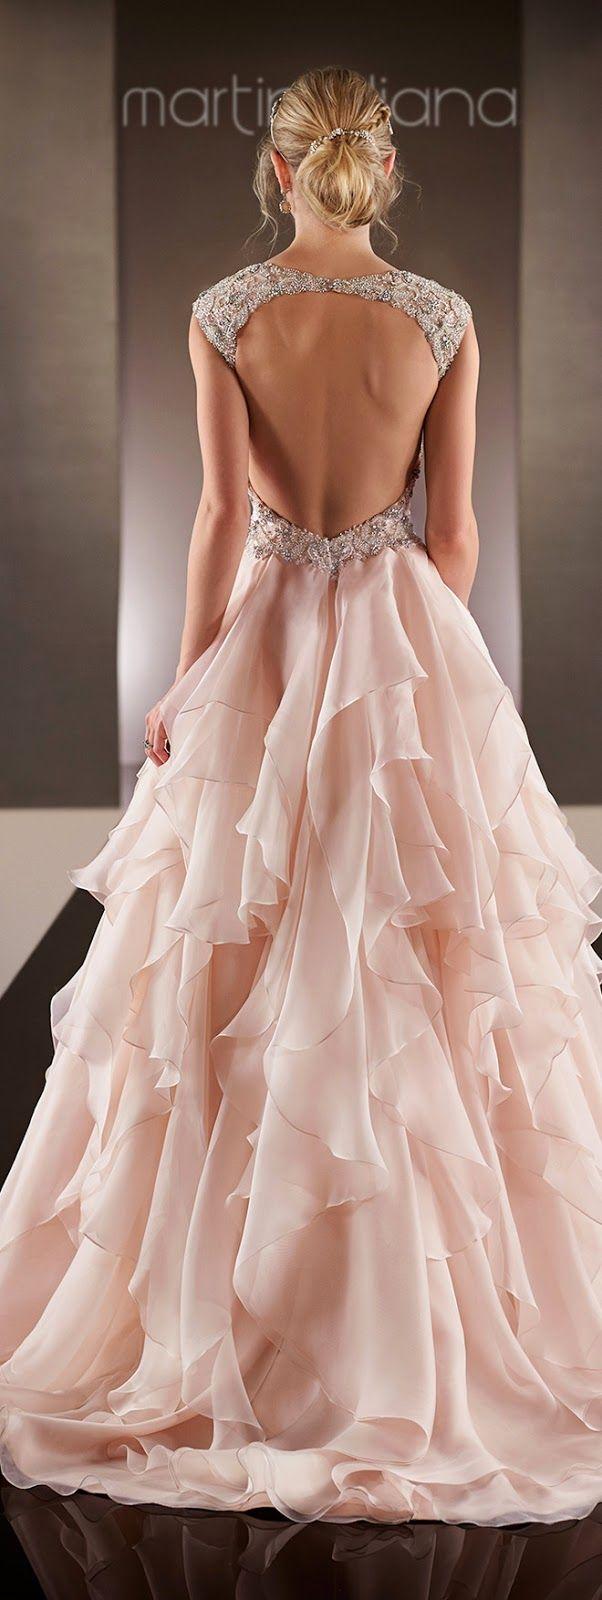 Martina Liana Spring 2015 Bridal Collection | Vestiditos, Vestido ...